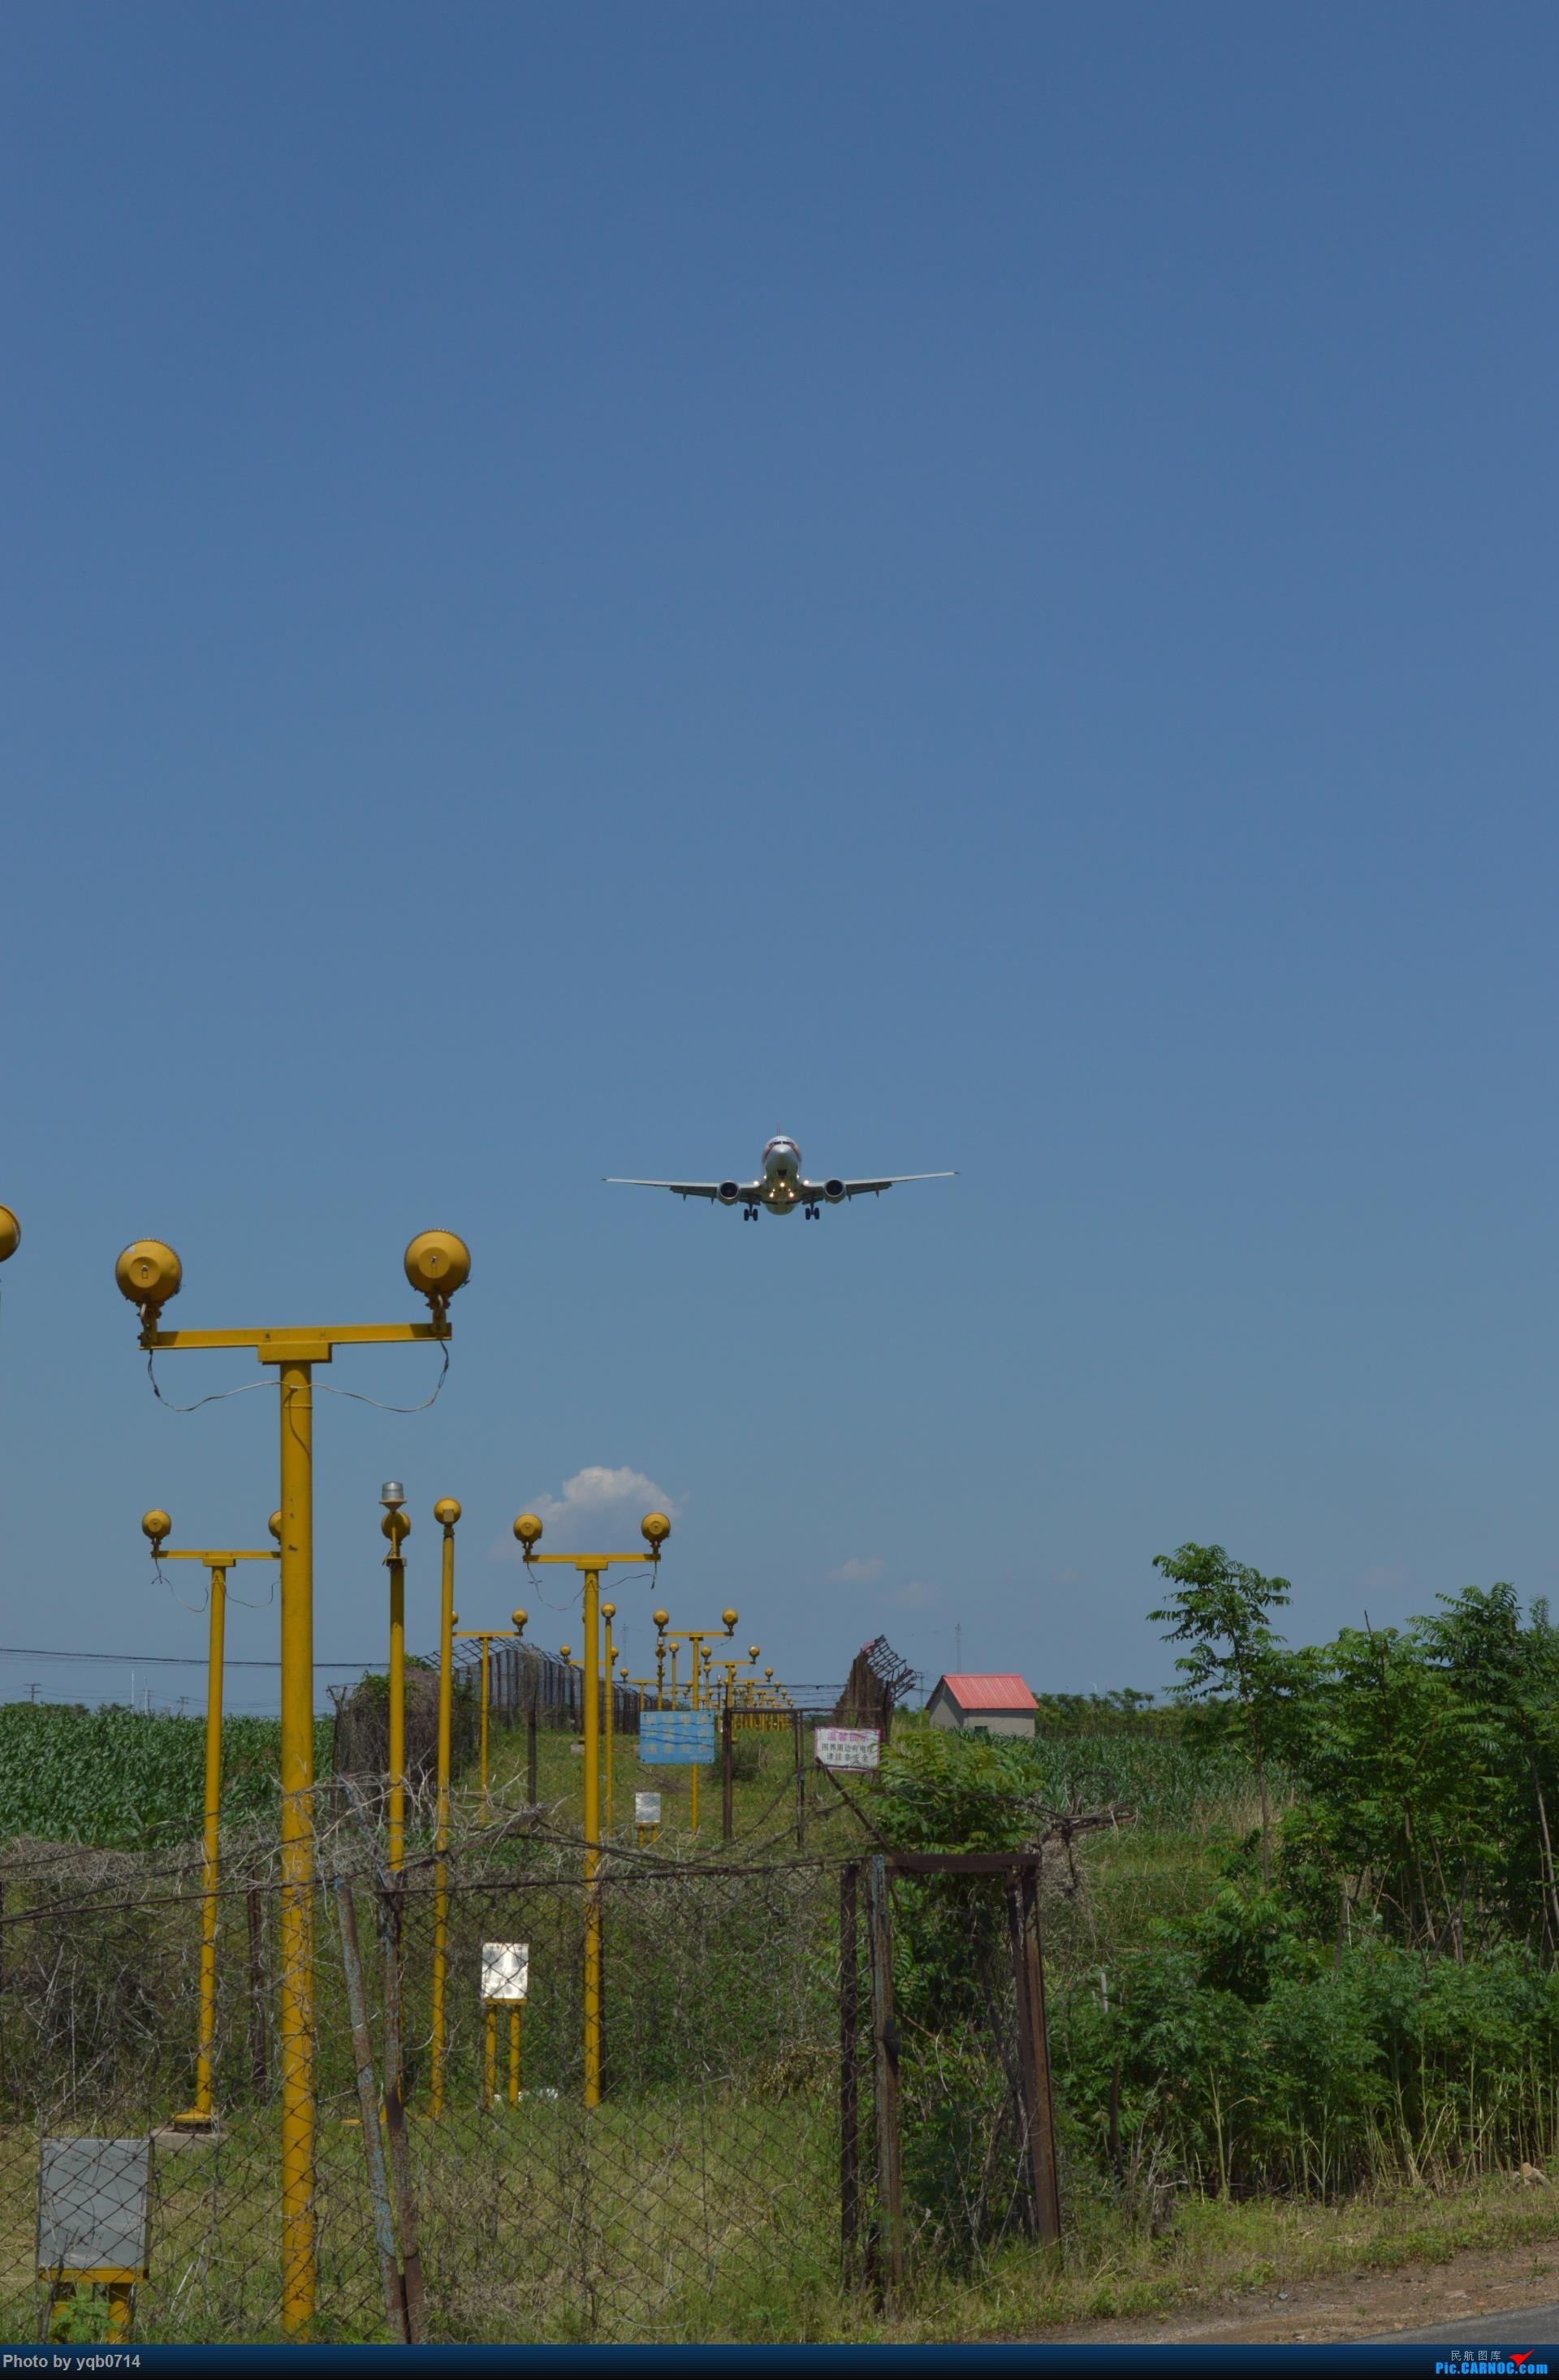 Re:[原创]出来炸道,喜欢星空联盟的小反!!!! BOEING 737-800 B-5090 中国沈阳桃仙国际机场